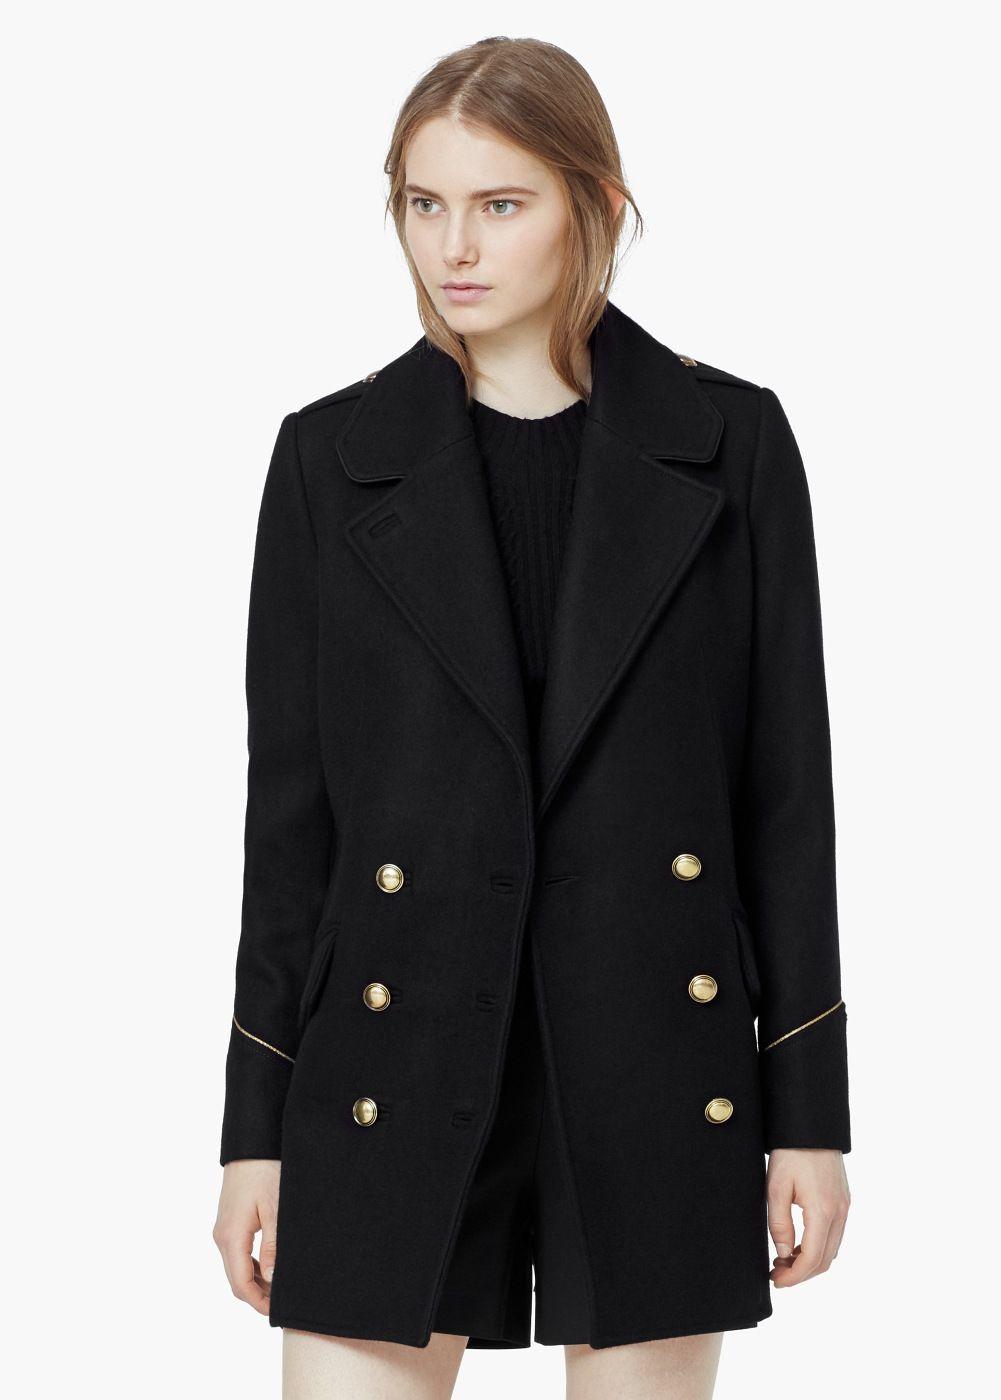 e4c448a4d316 Παλτό μάλλινο διπλή σειρά κουμπιών - Γυναίκα